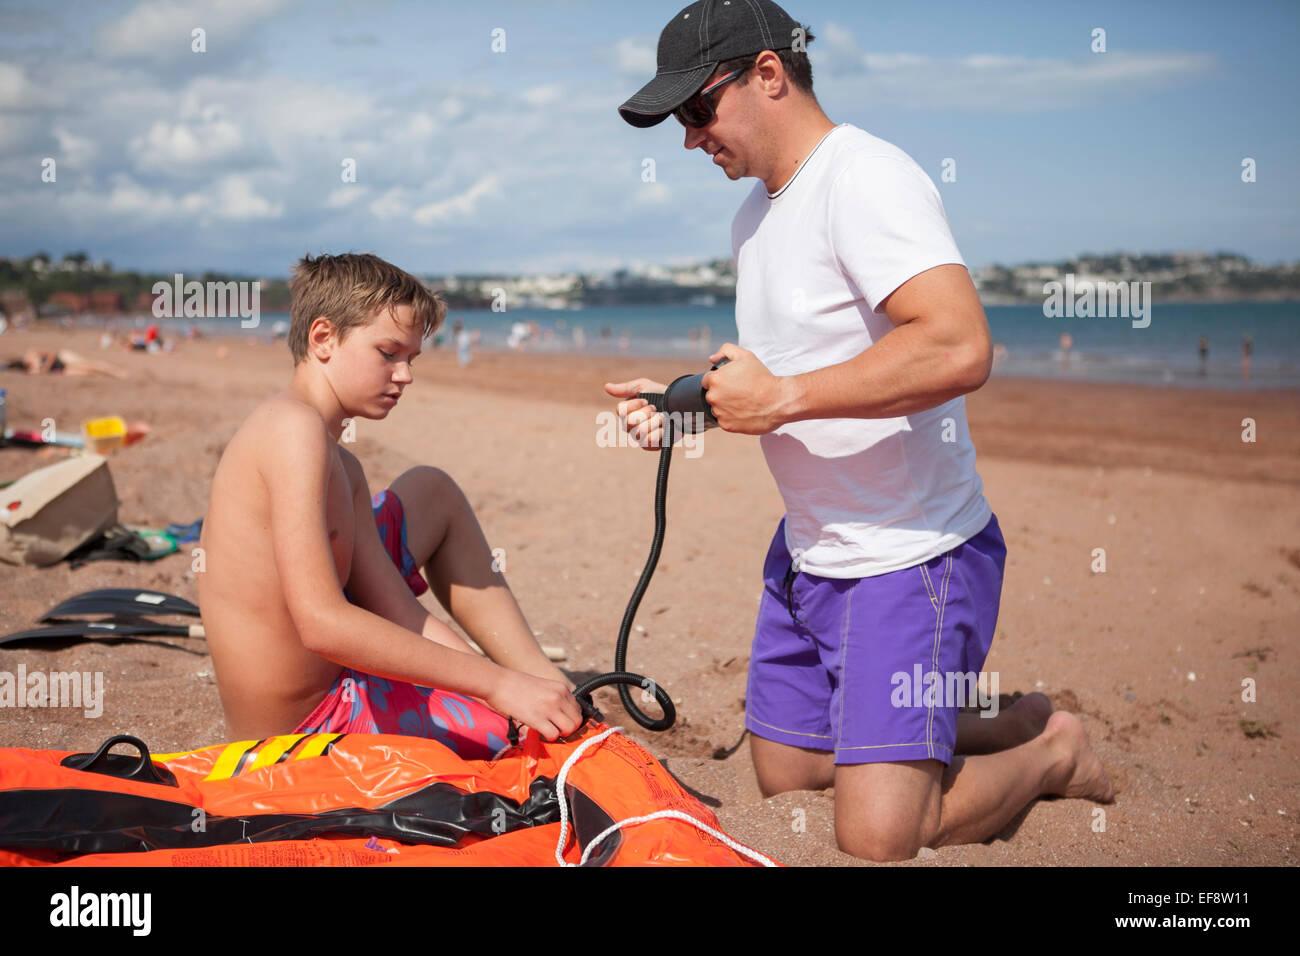 Vater und Sohn (12-13) aufblasen Boot am Strand Stockbild